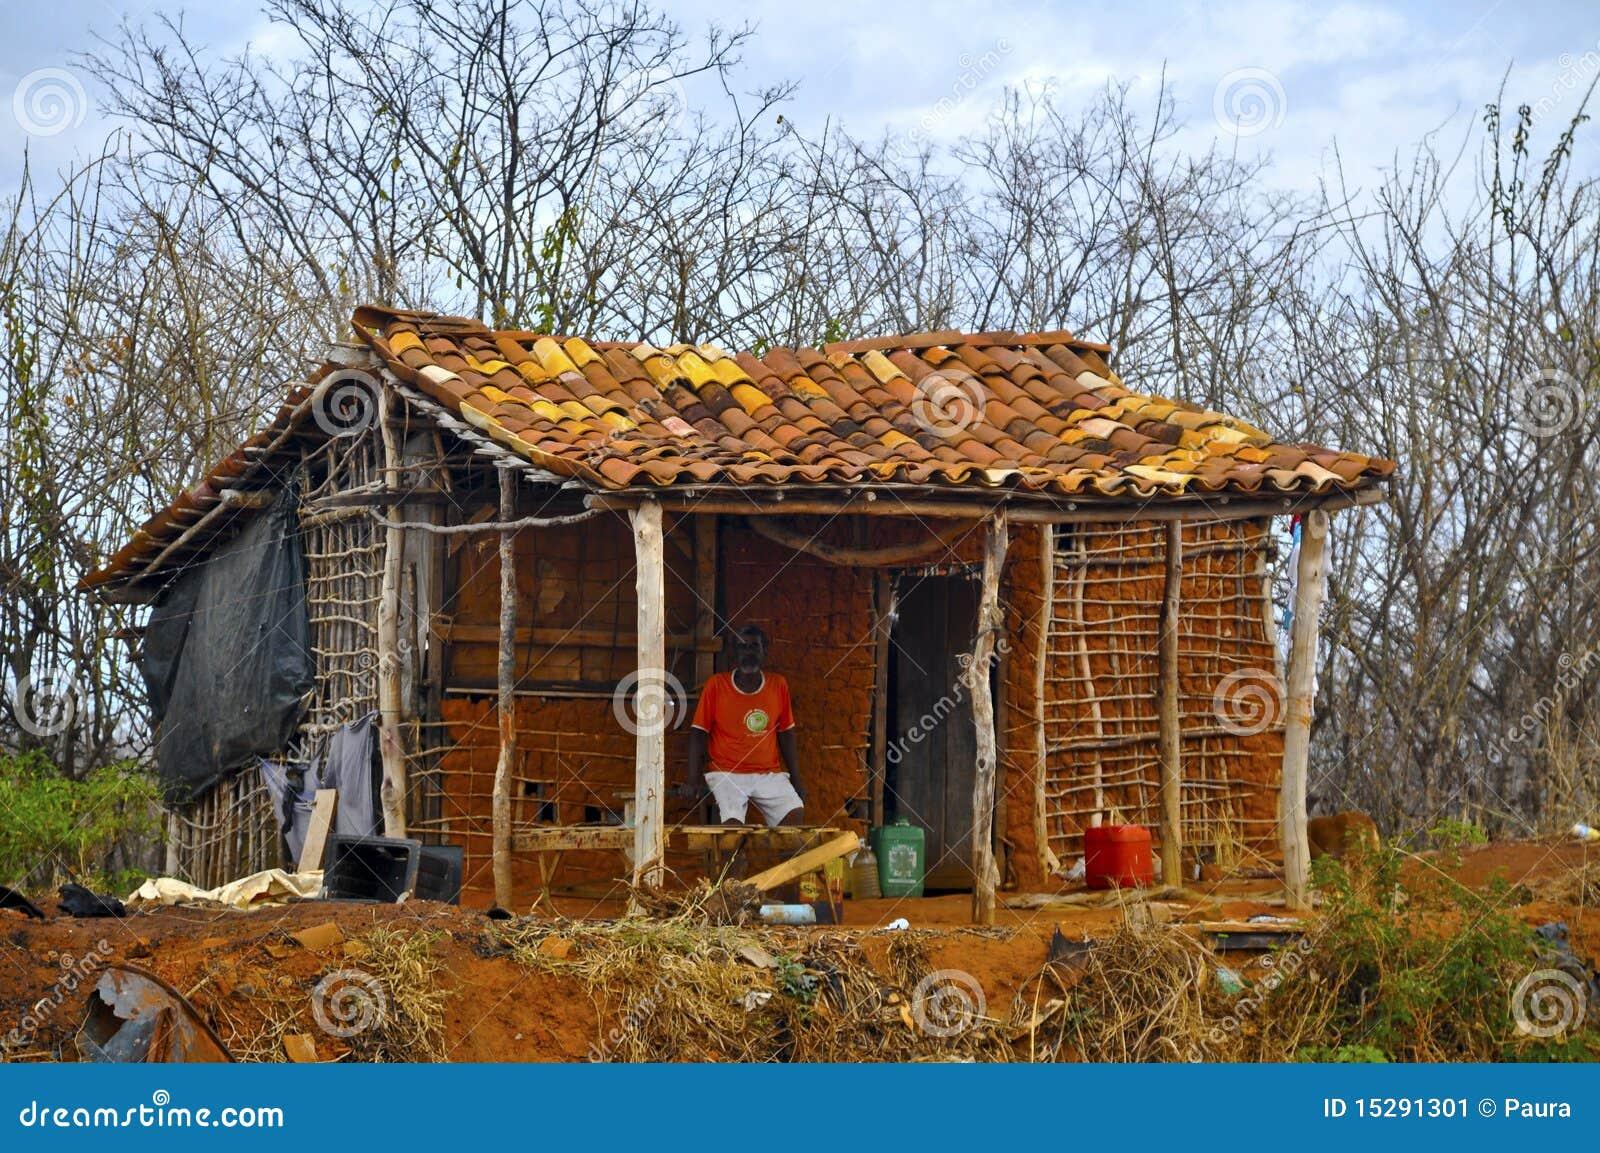 Wattle and Daub Homes Clip Art